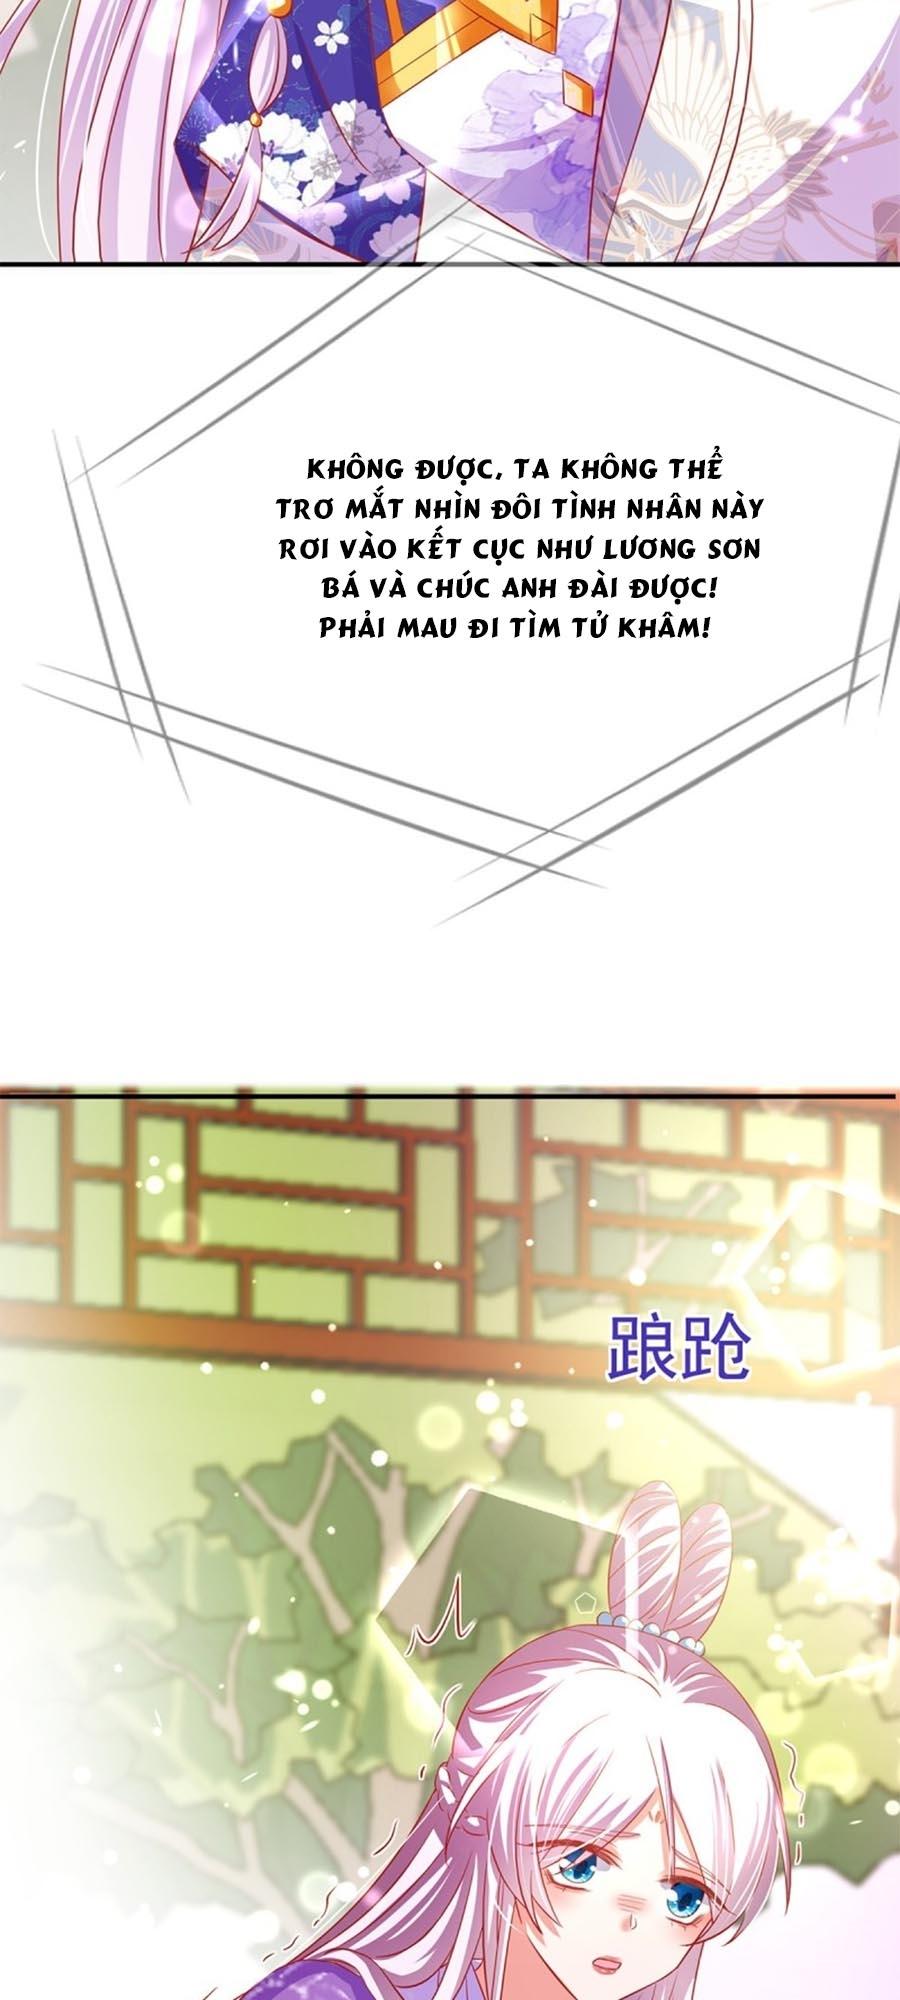 Dưỡng Thú Vi Phi chap 50 - Trang 9